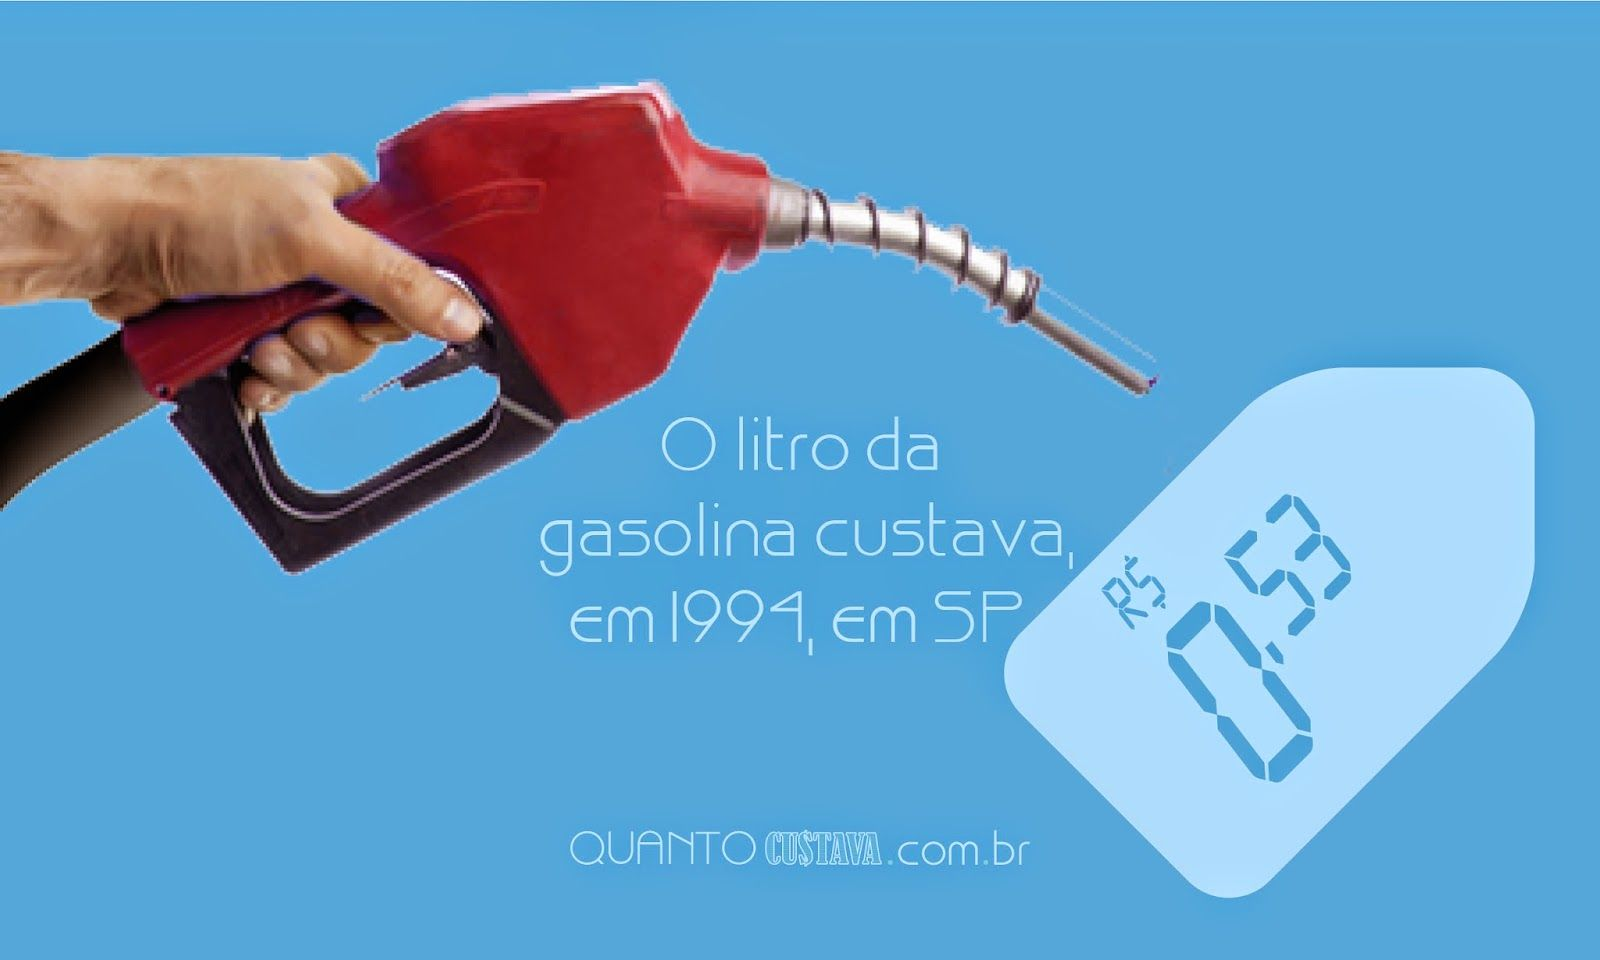 Quanto custava o litro da gasolina em 1994? | Quanto custava?